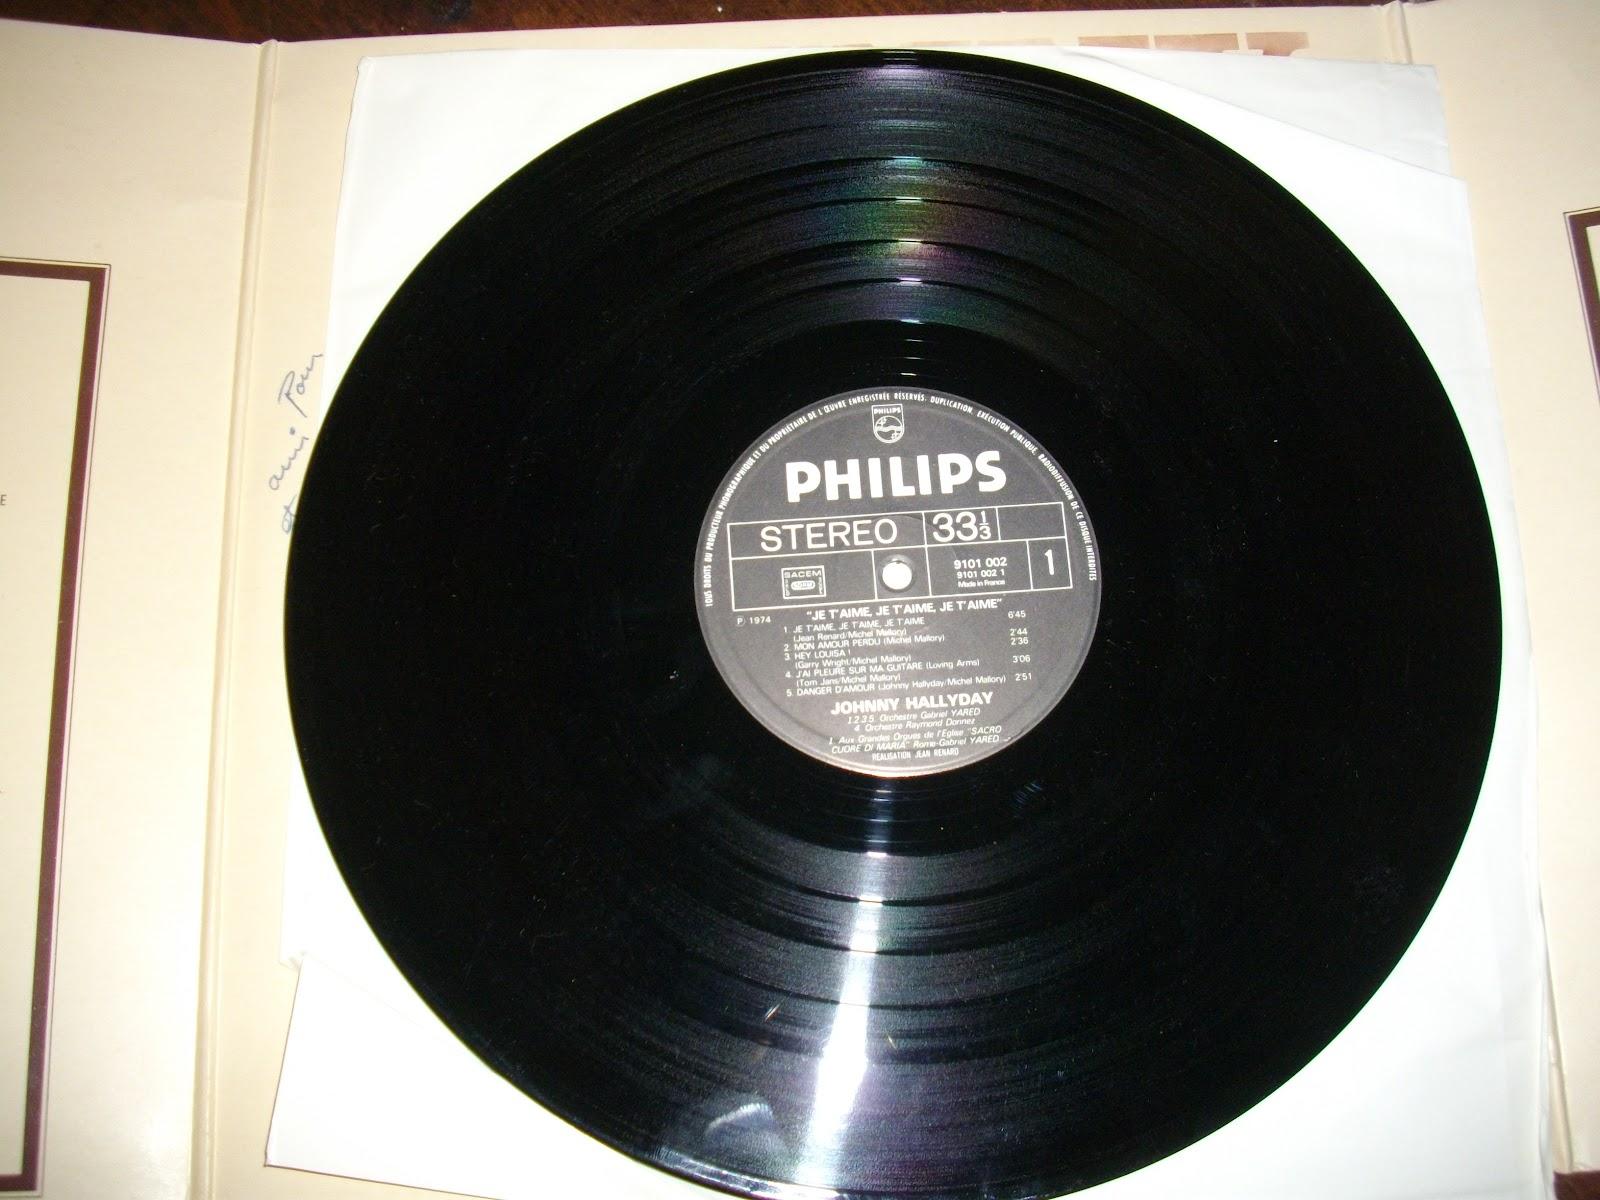 Transcoder un site de transcodage de bandes magn tiques - Collectionneur de disque vinyl 33 tours ...